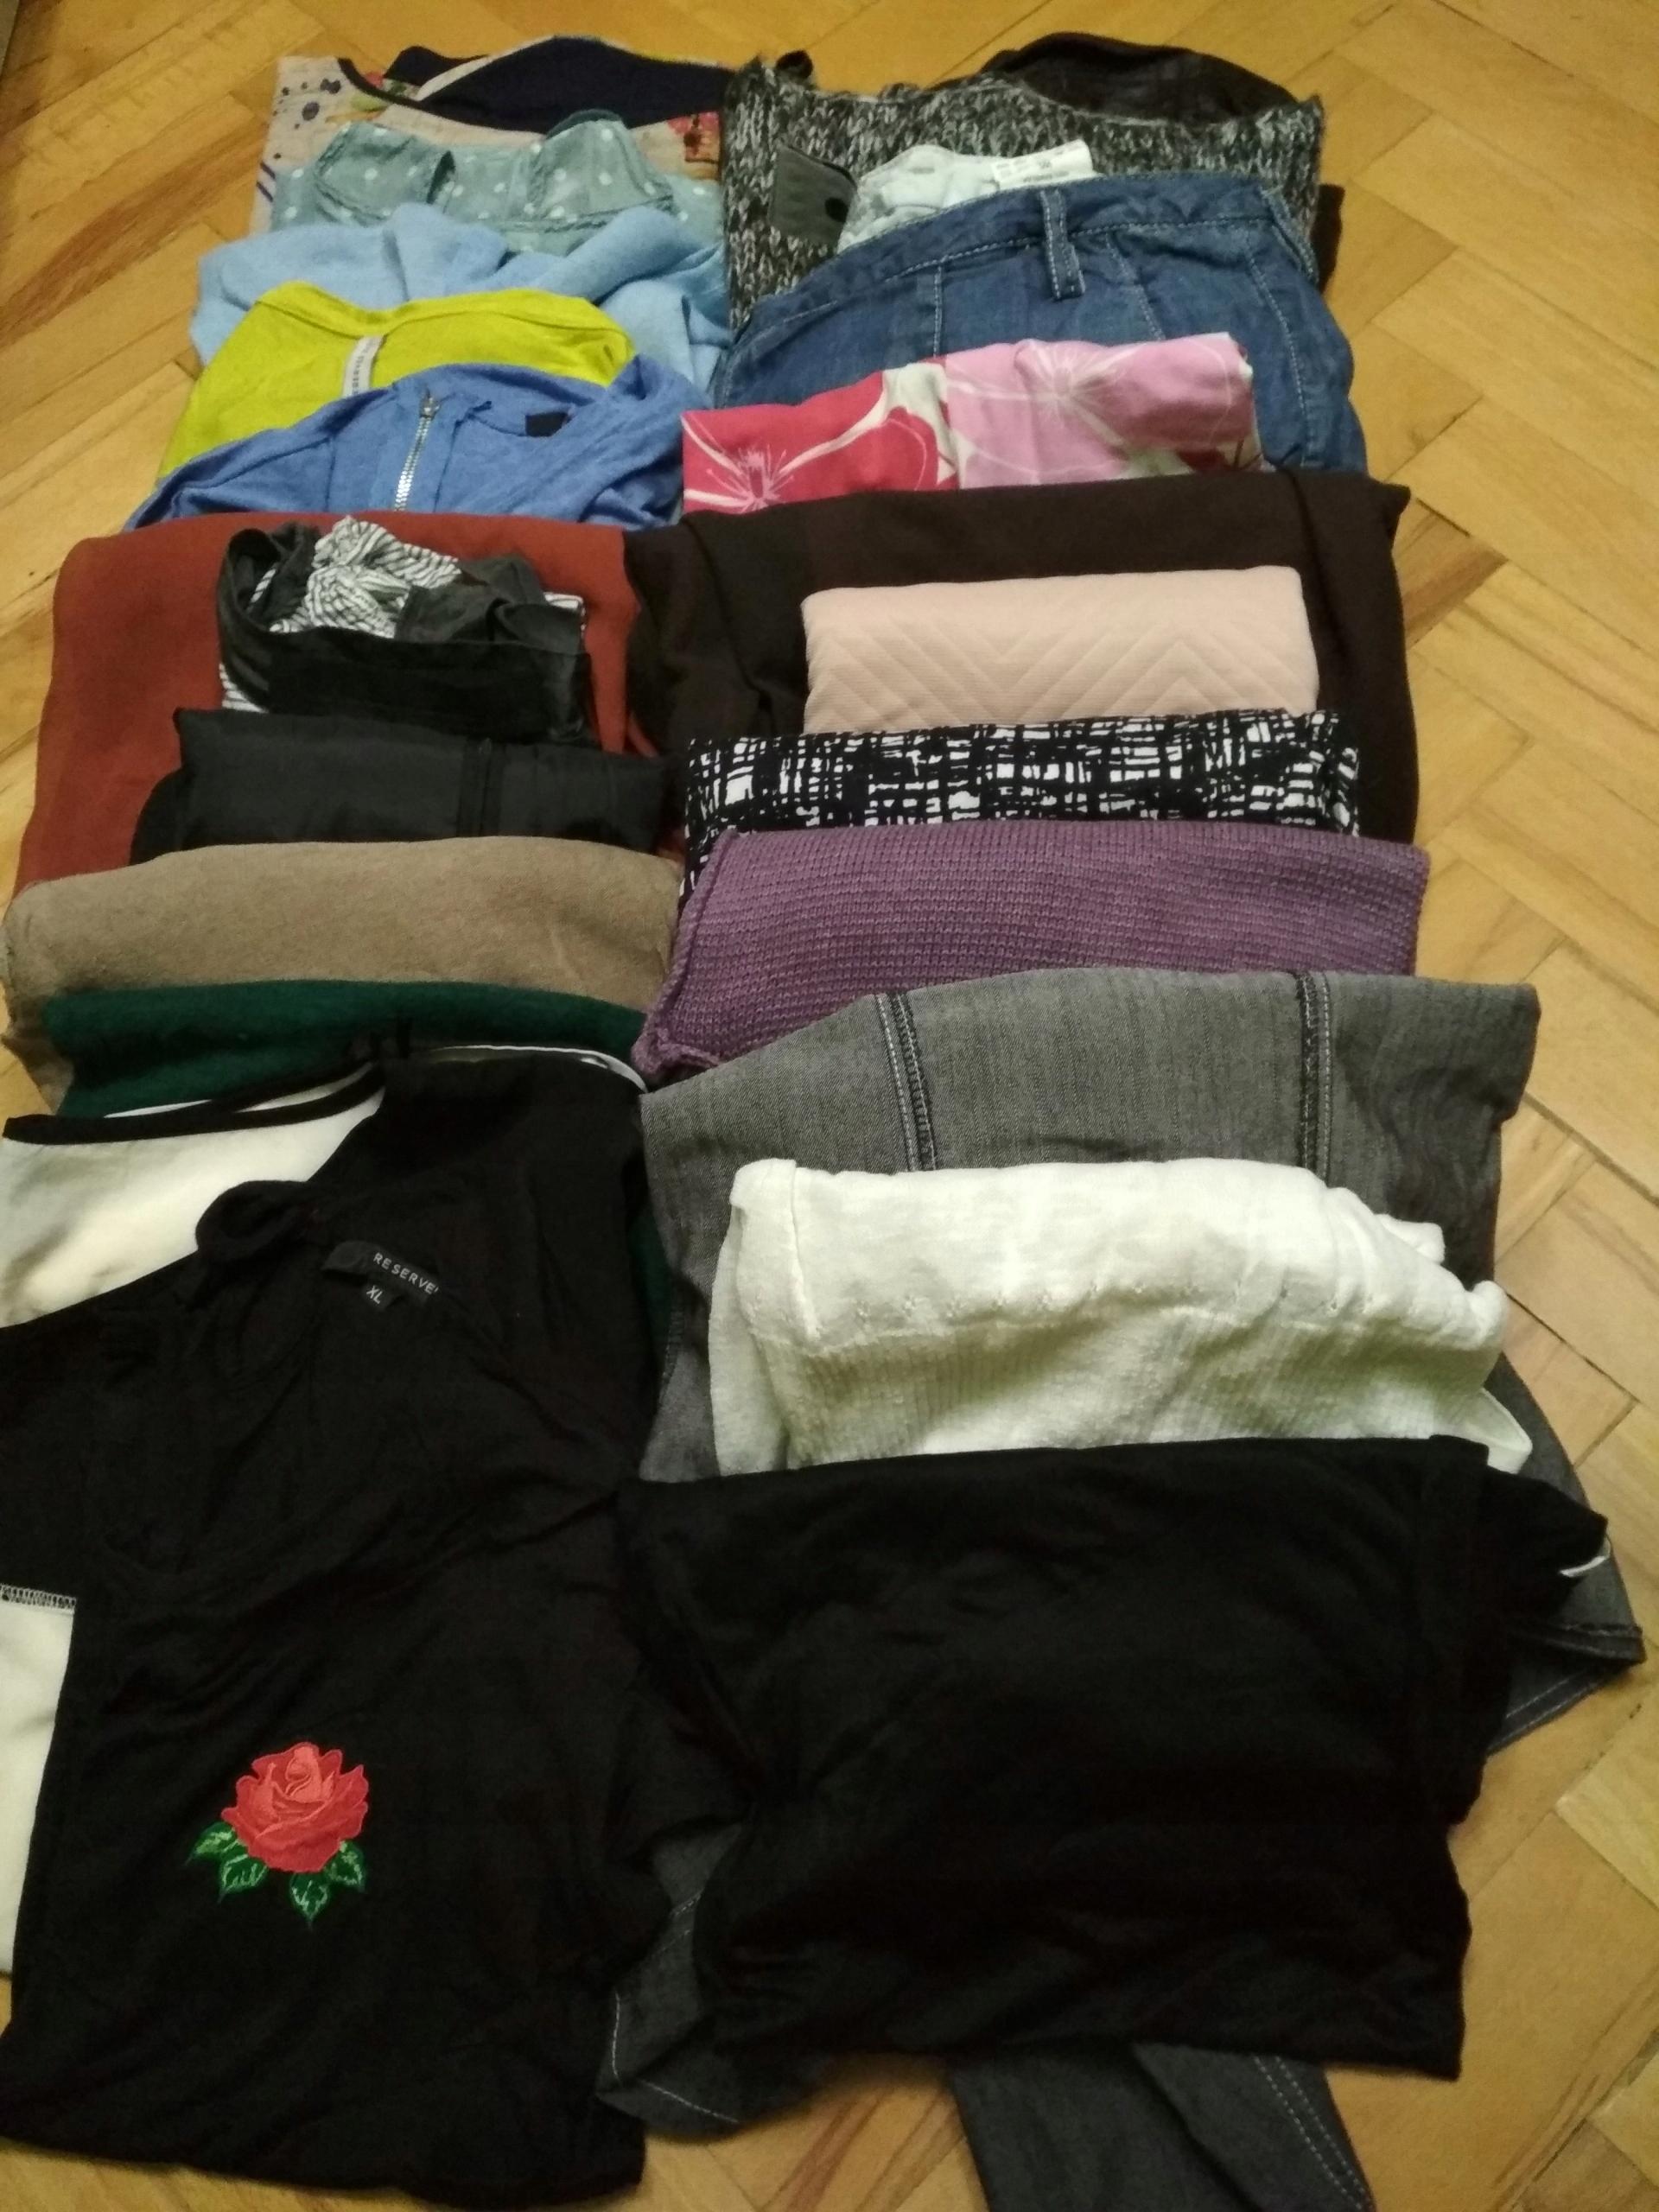 f06f7175f1ee06 Wyprzedaż ubrań z aukcji mega paka! - 7529929462 - oficjalne ...